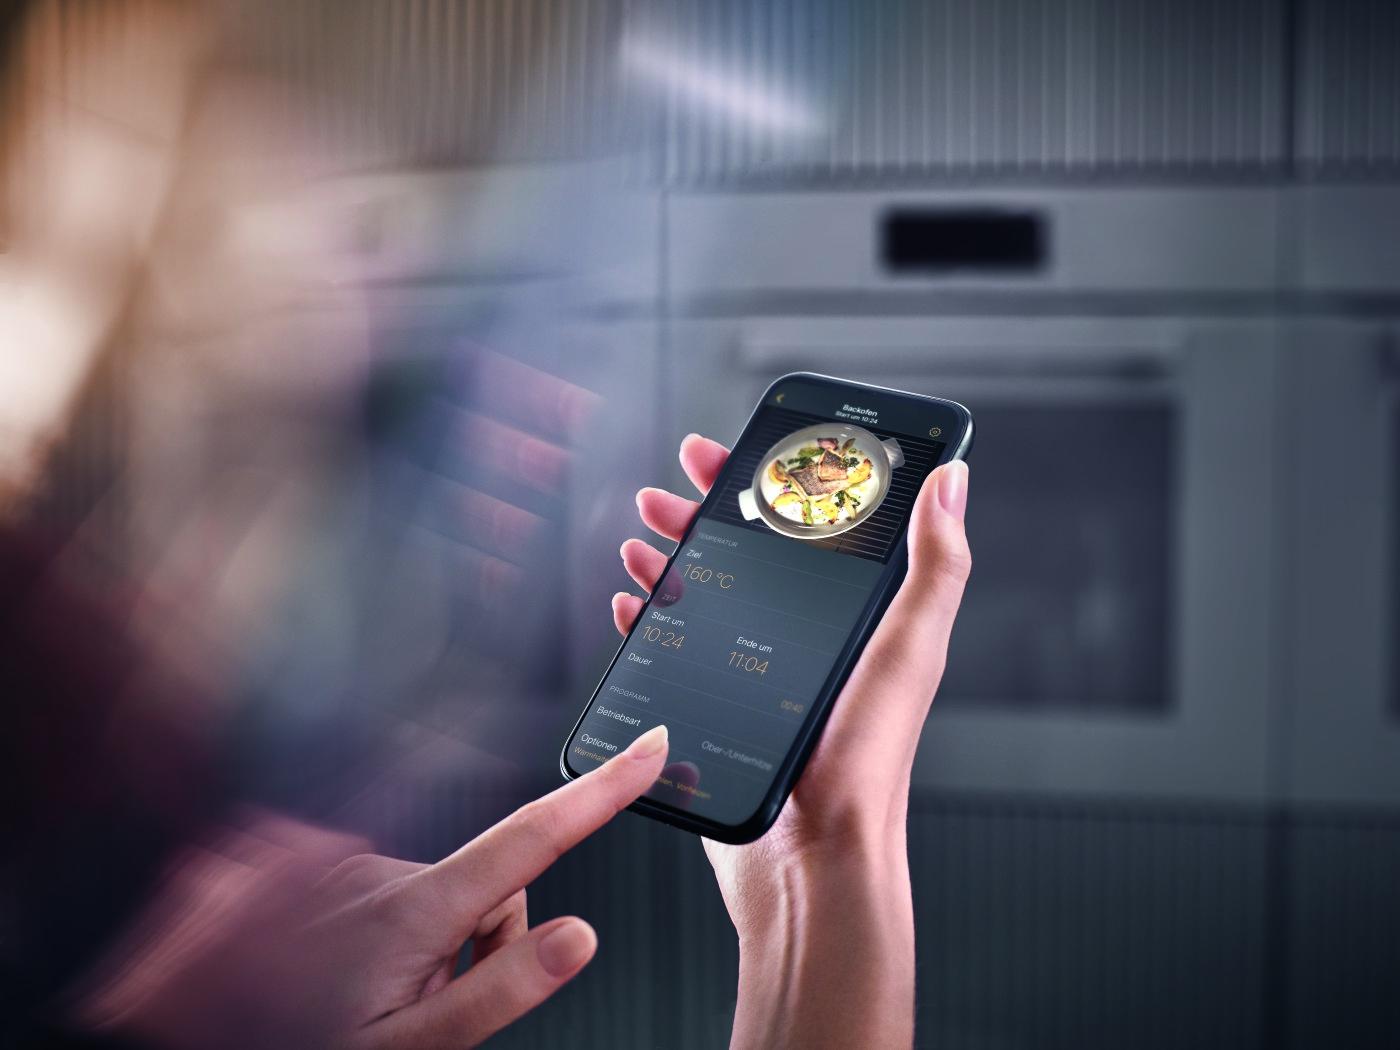 Miele presenta en IFA sus electrodomésticos inteligentes